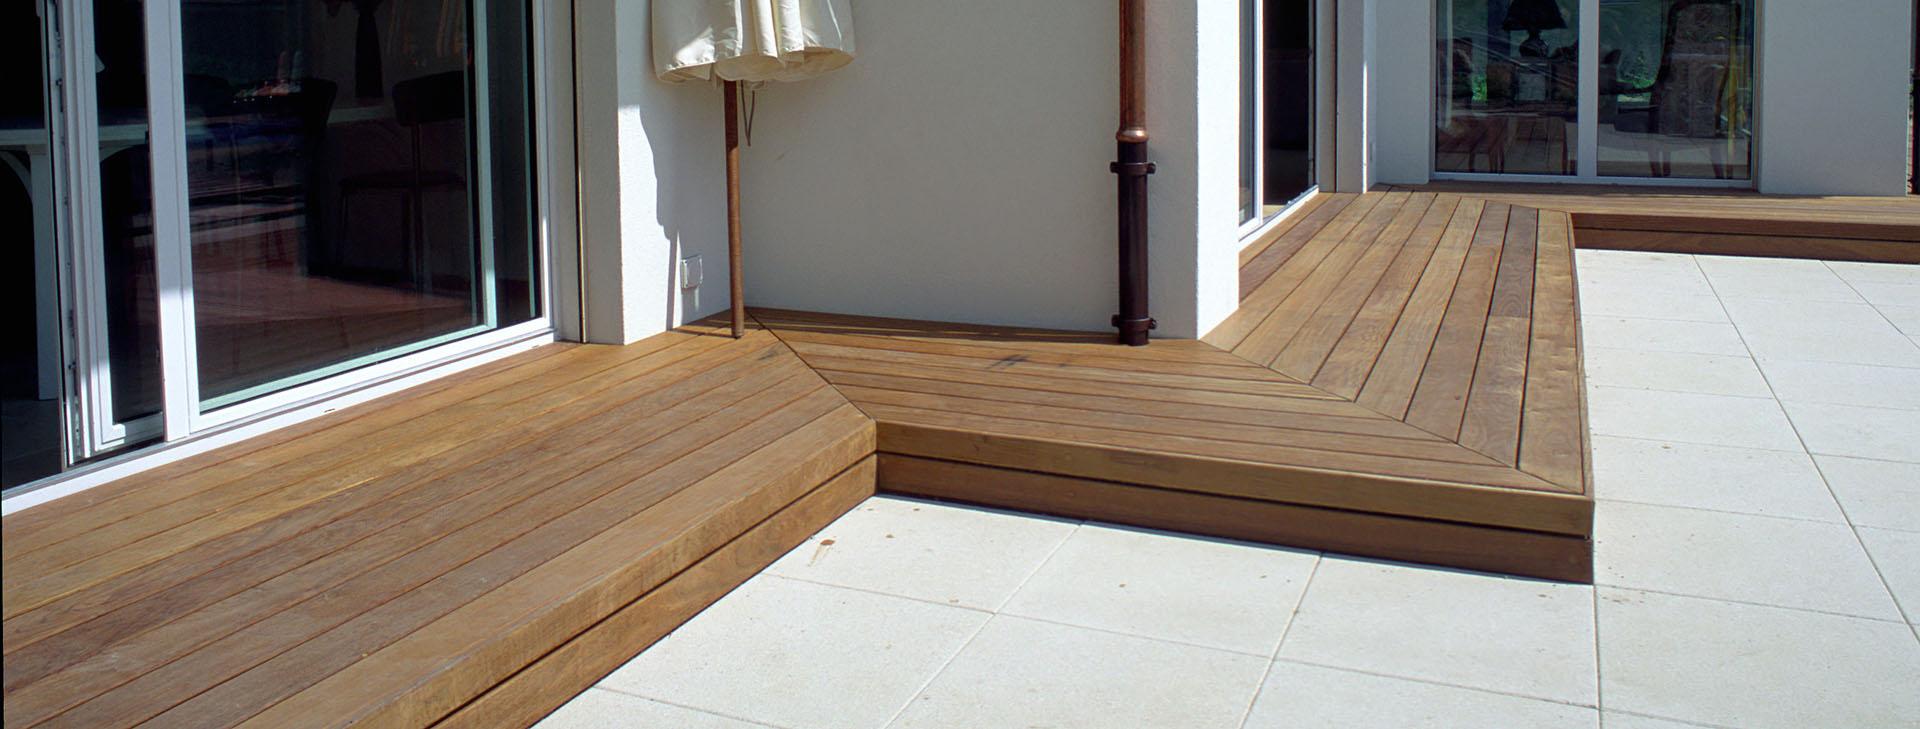 terrasse en bois exotique ipé visserie invisible avec clips en acier inoxydable passage